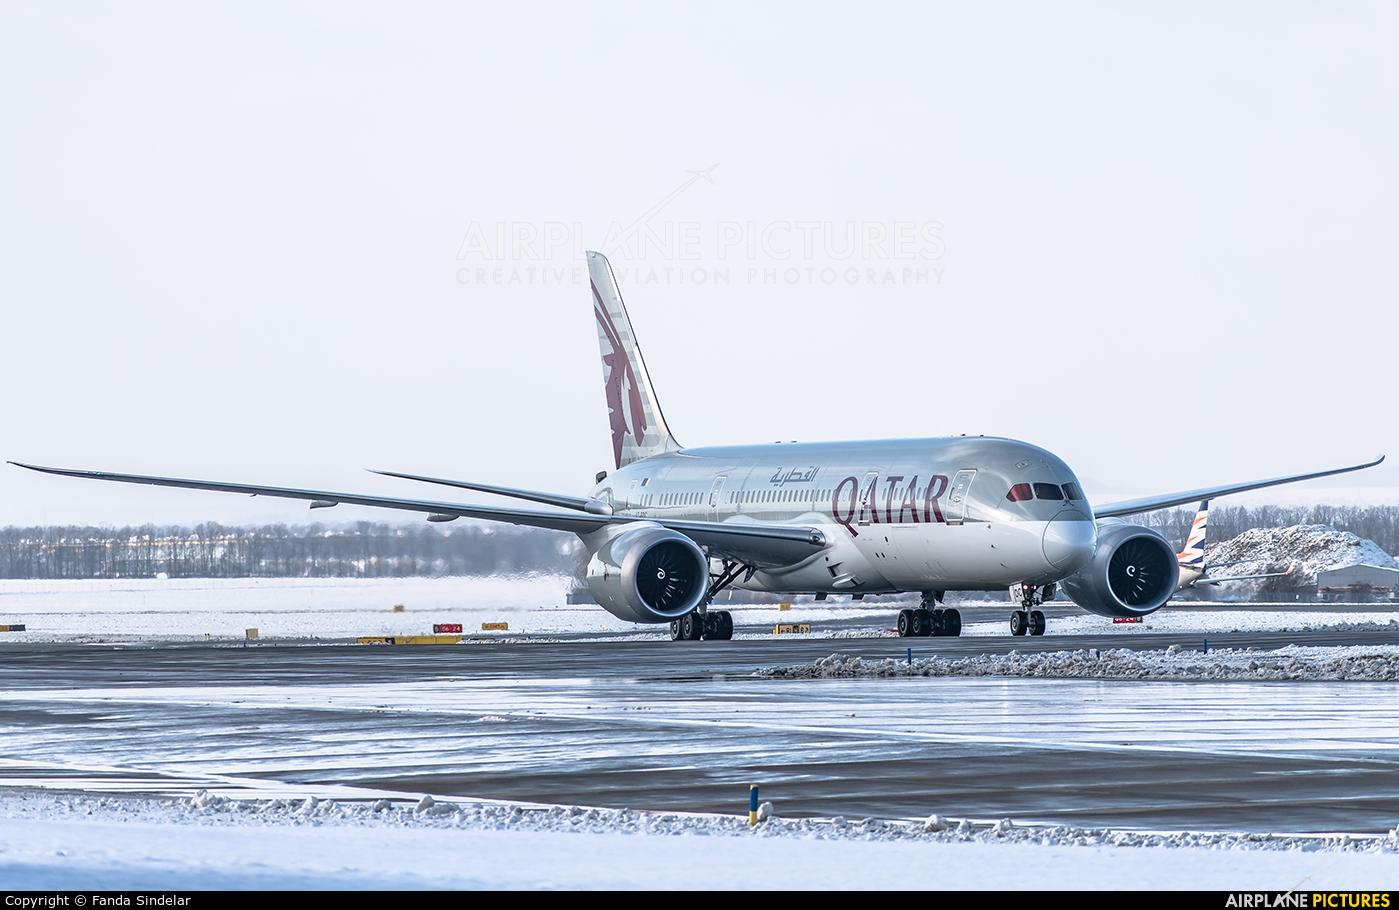 Qatar Airways A7-BDC aircraft at Prague - Václav Havel